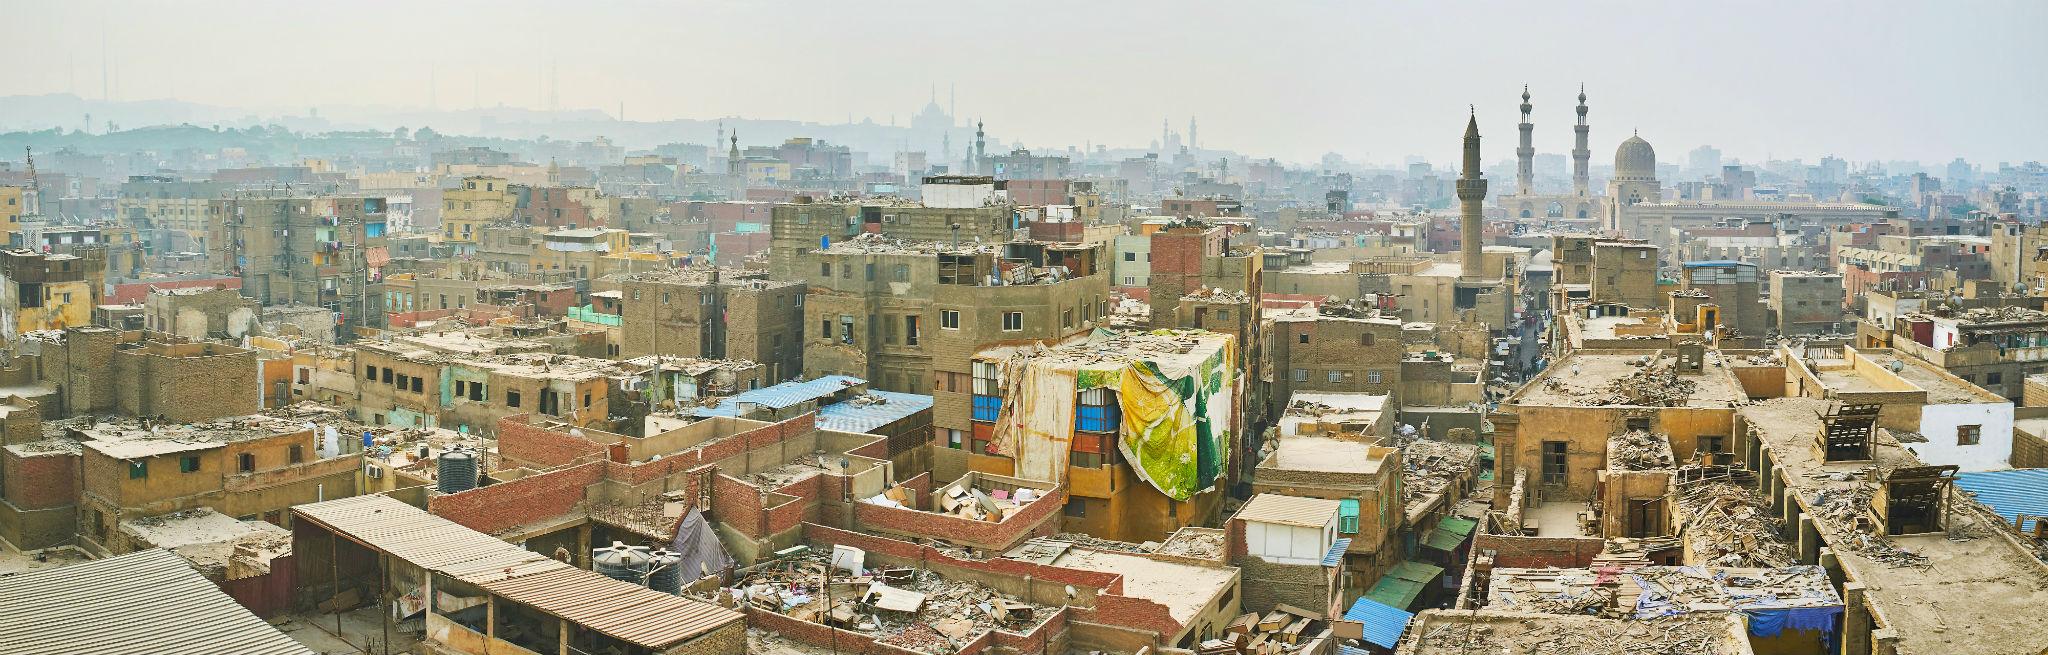 Cairo_Islamic_Panorama.jpg